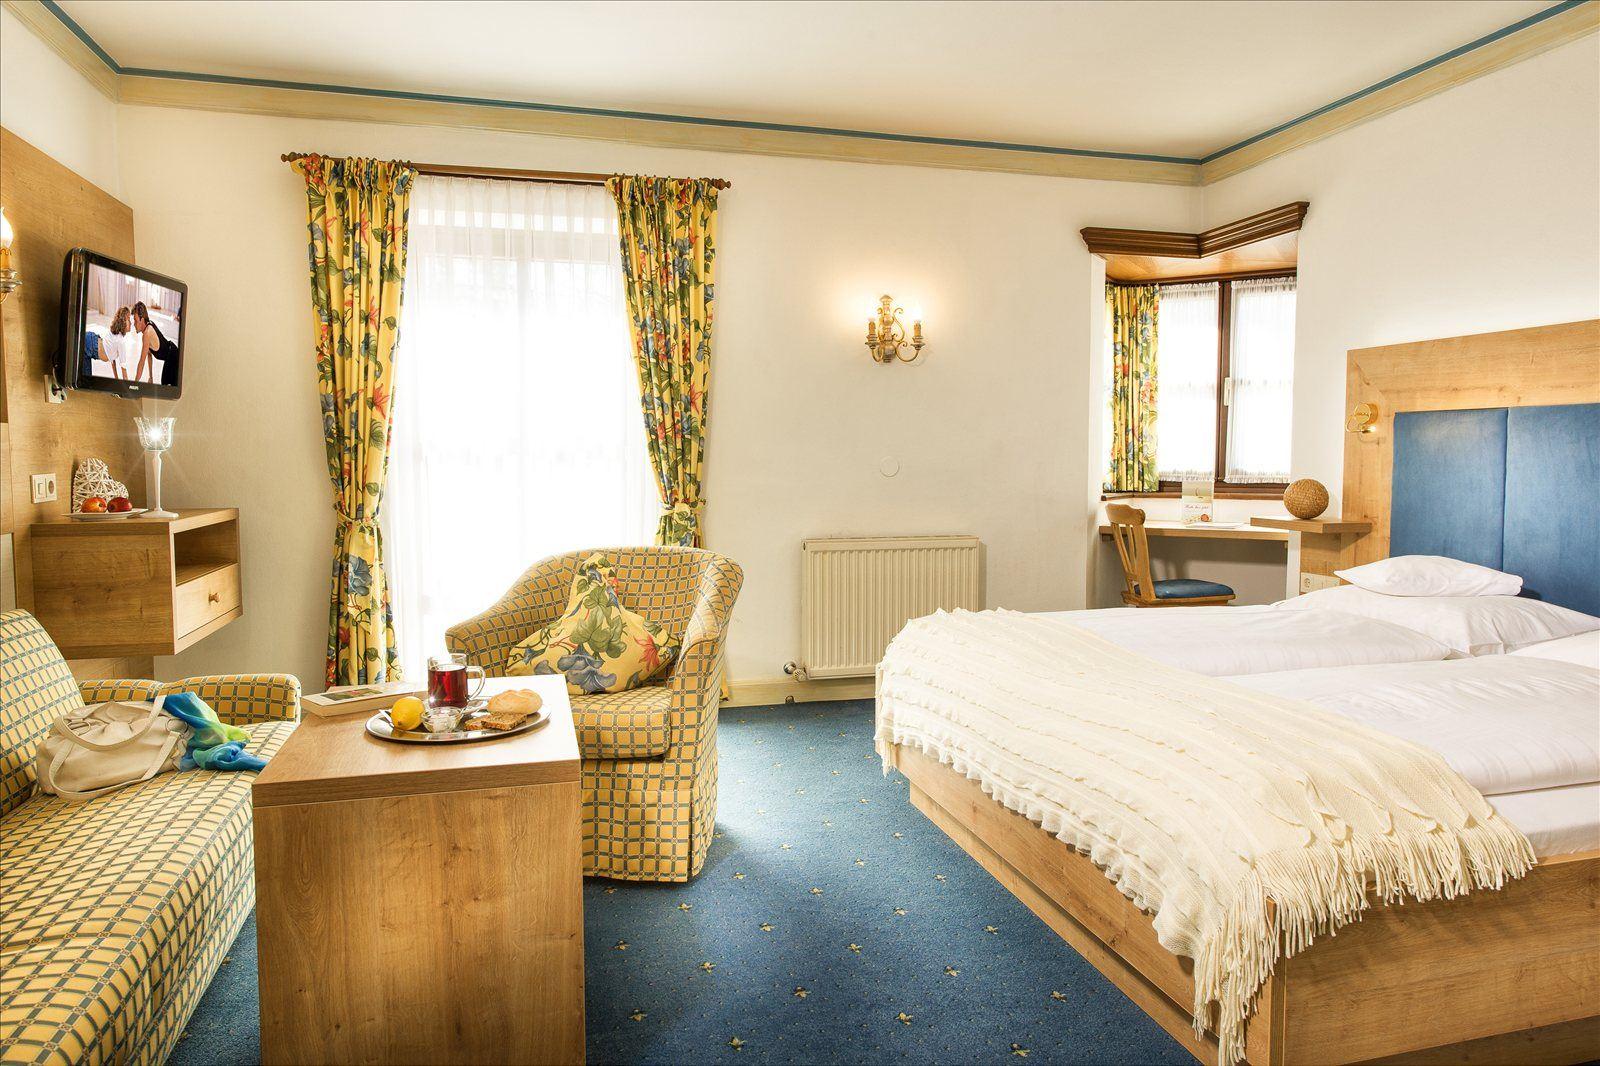 Hotel St. Georg - Bad Hofgastein